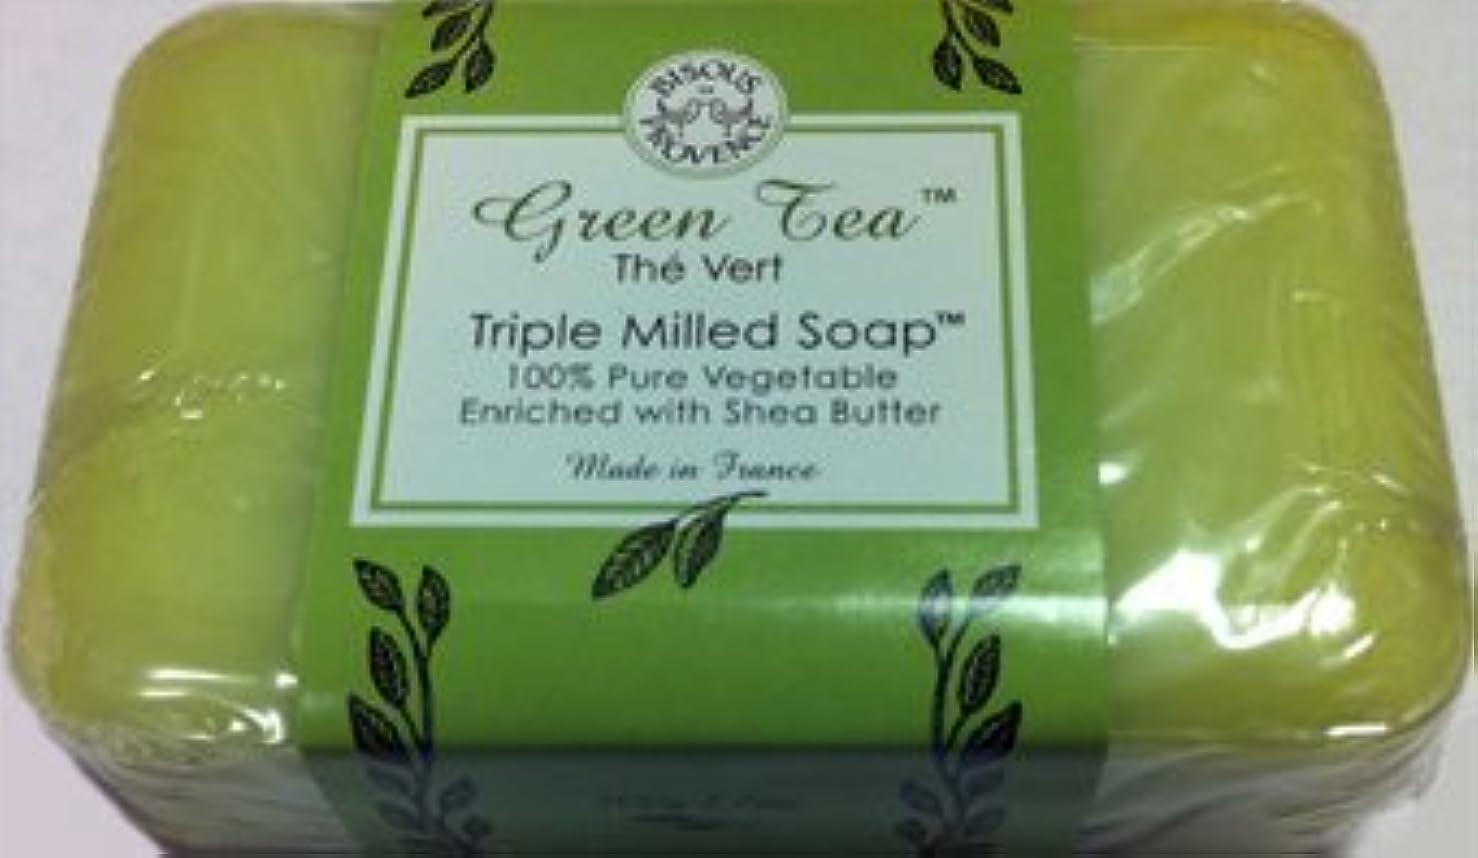 スラダム陰謀パイントGreen Tea The Vert Triple Milled Soap 100% Pure Vegetable Enriched with Shea Butter by Bisous Provence/Trader...